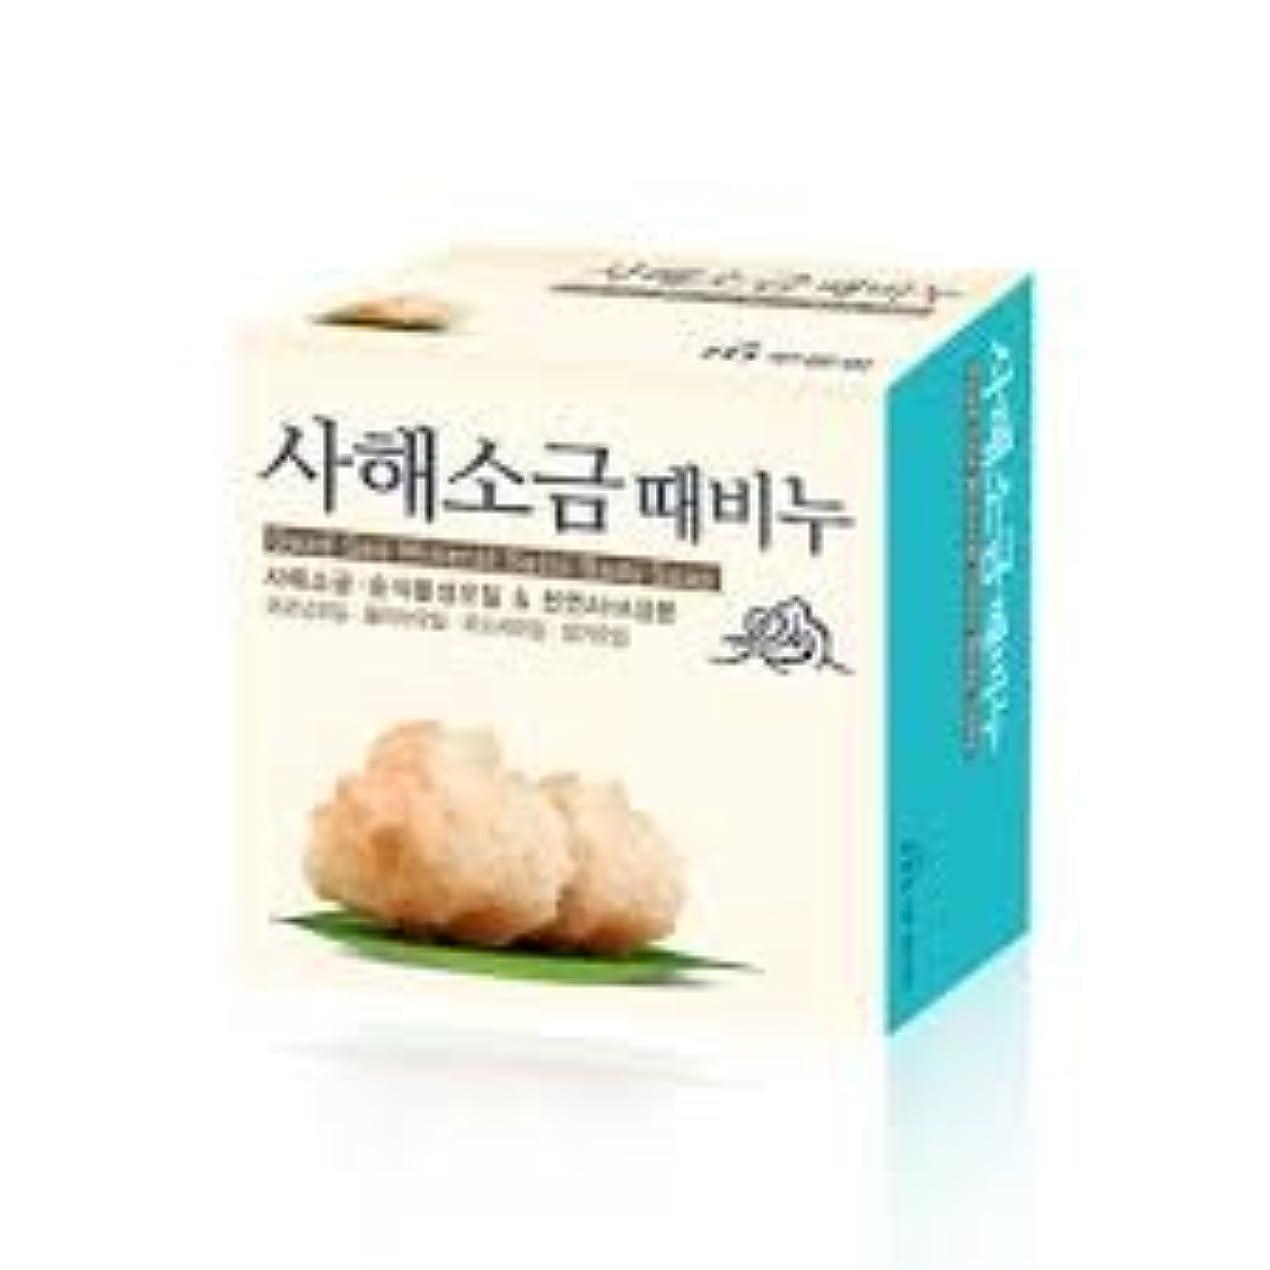 見える不機嫌セッティングムグンファ[MUKUNGHWA] 死海 塩 垢石鹸 100g/ Dead Sea Mineral Salts Body Soap